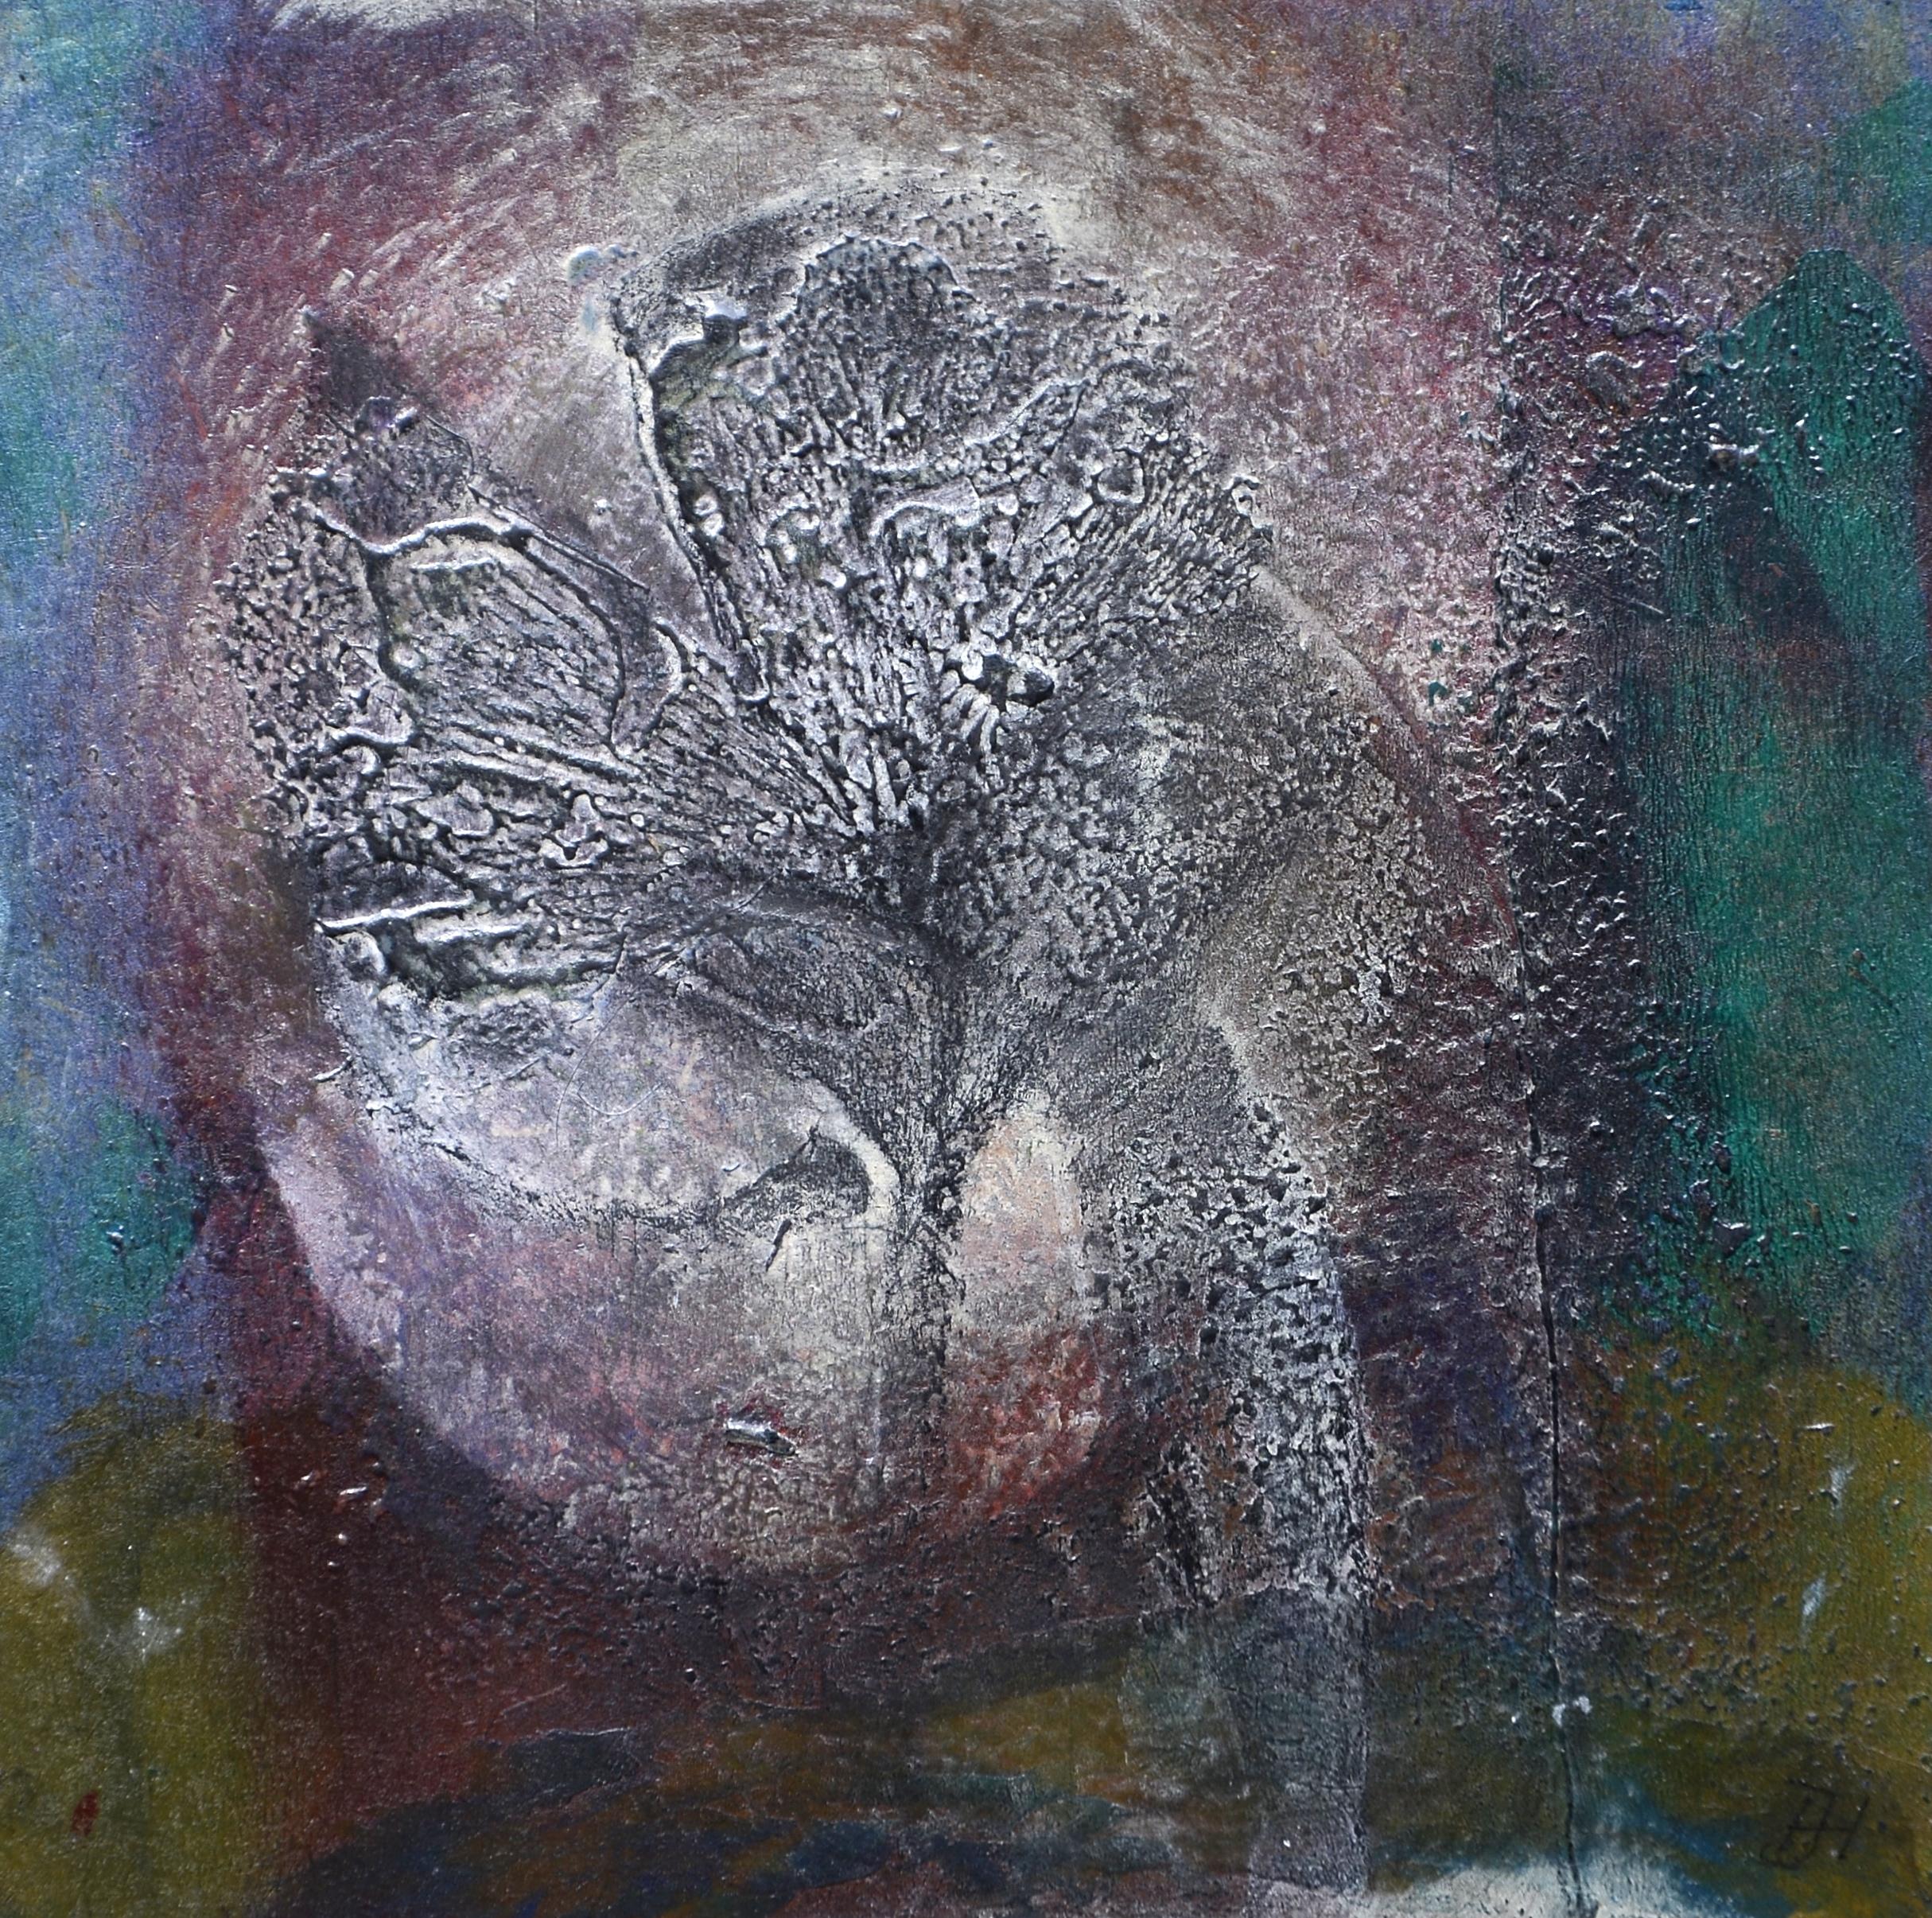 das ginkoblatt,acryl auf MDF,15x15cm,2013.JPG